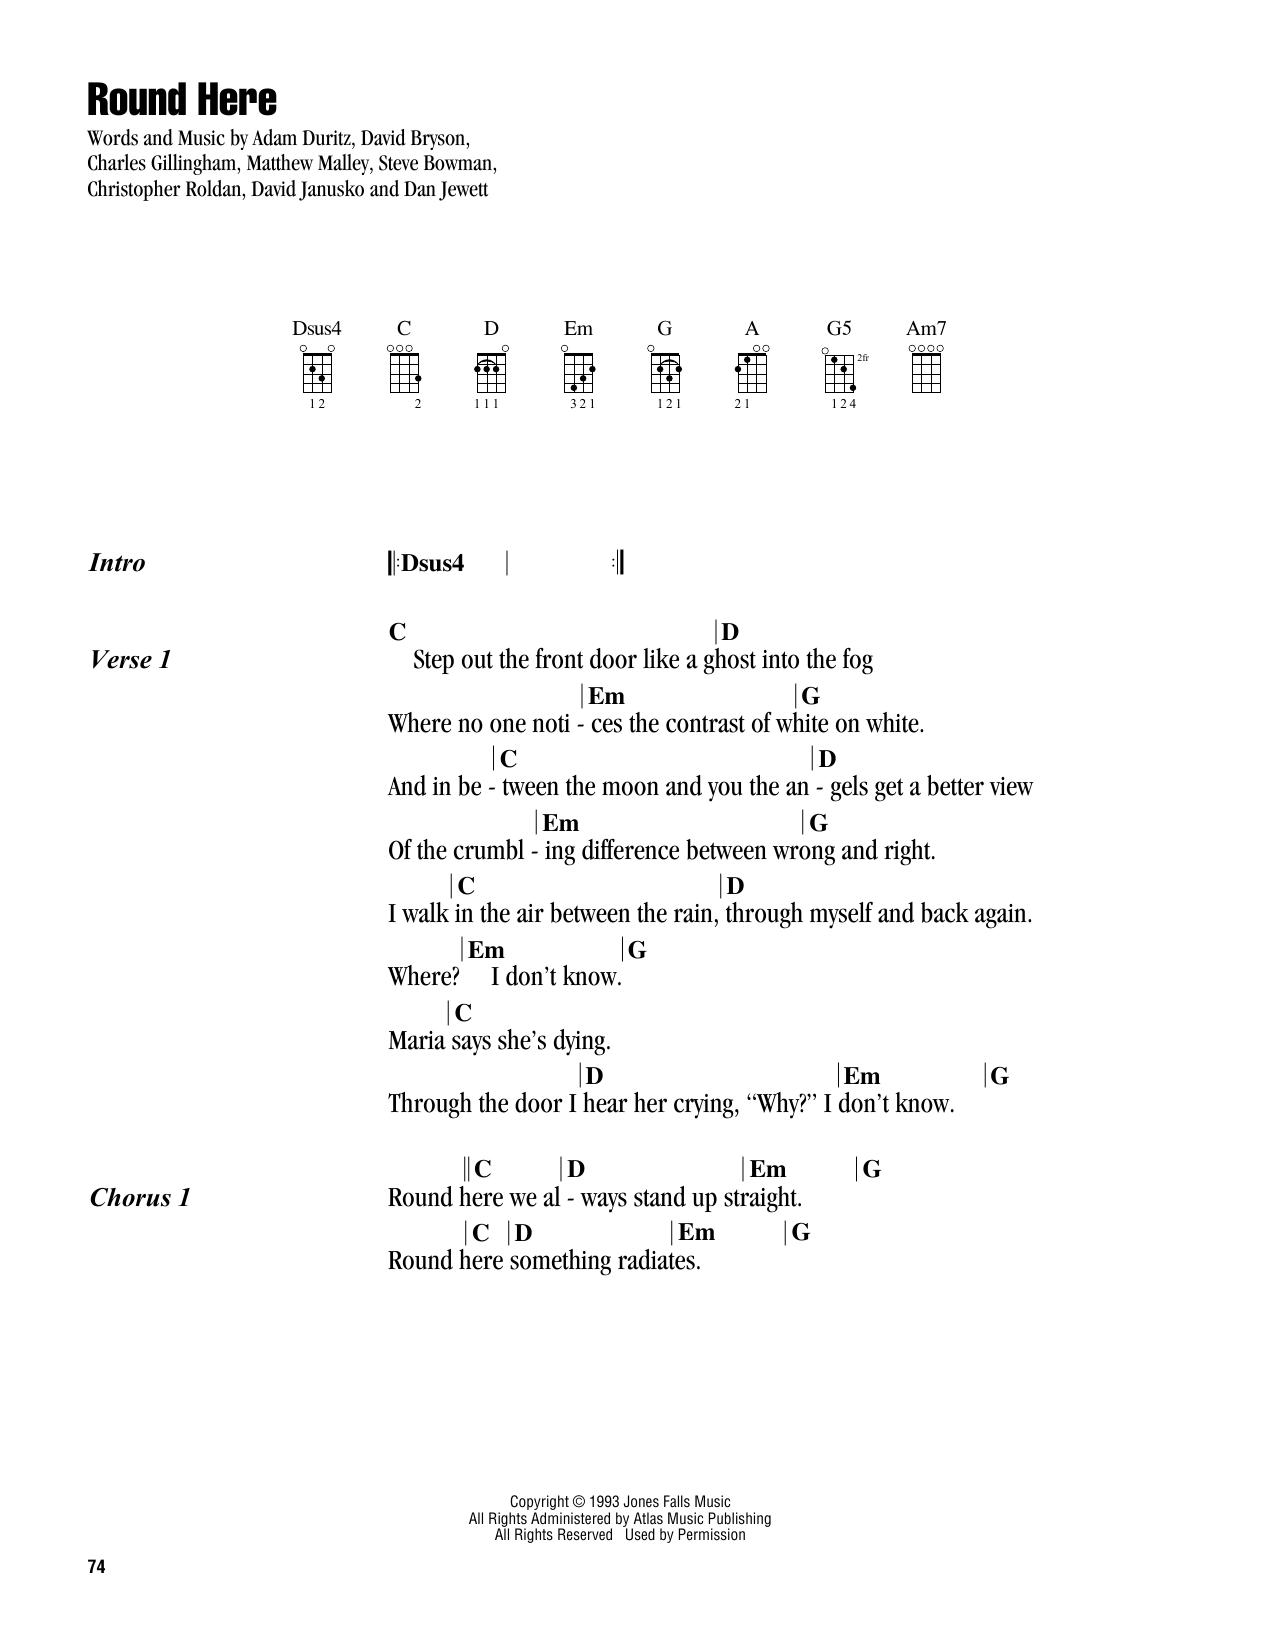 Round Here (Ukulele Chords/Lyrics)